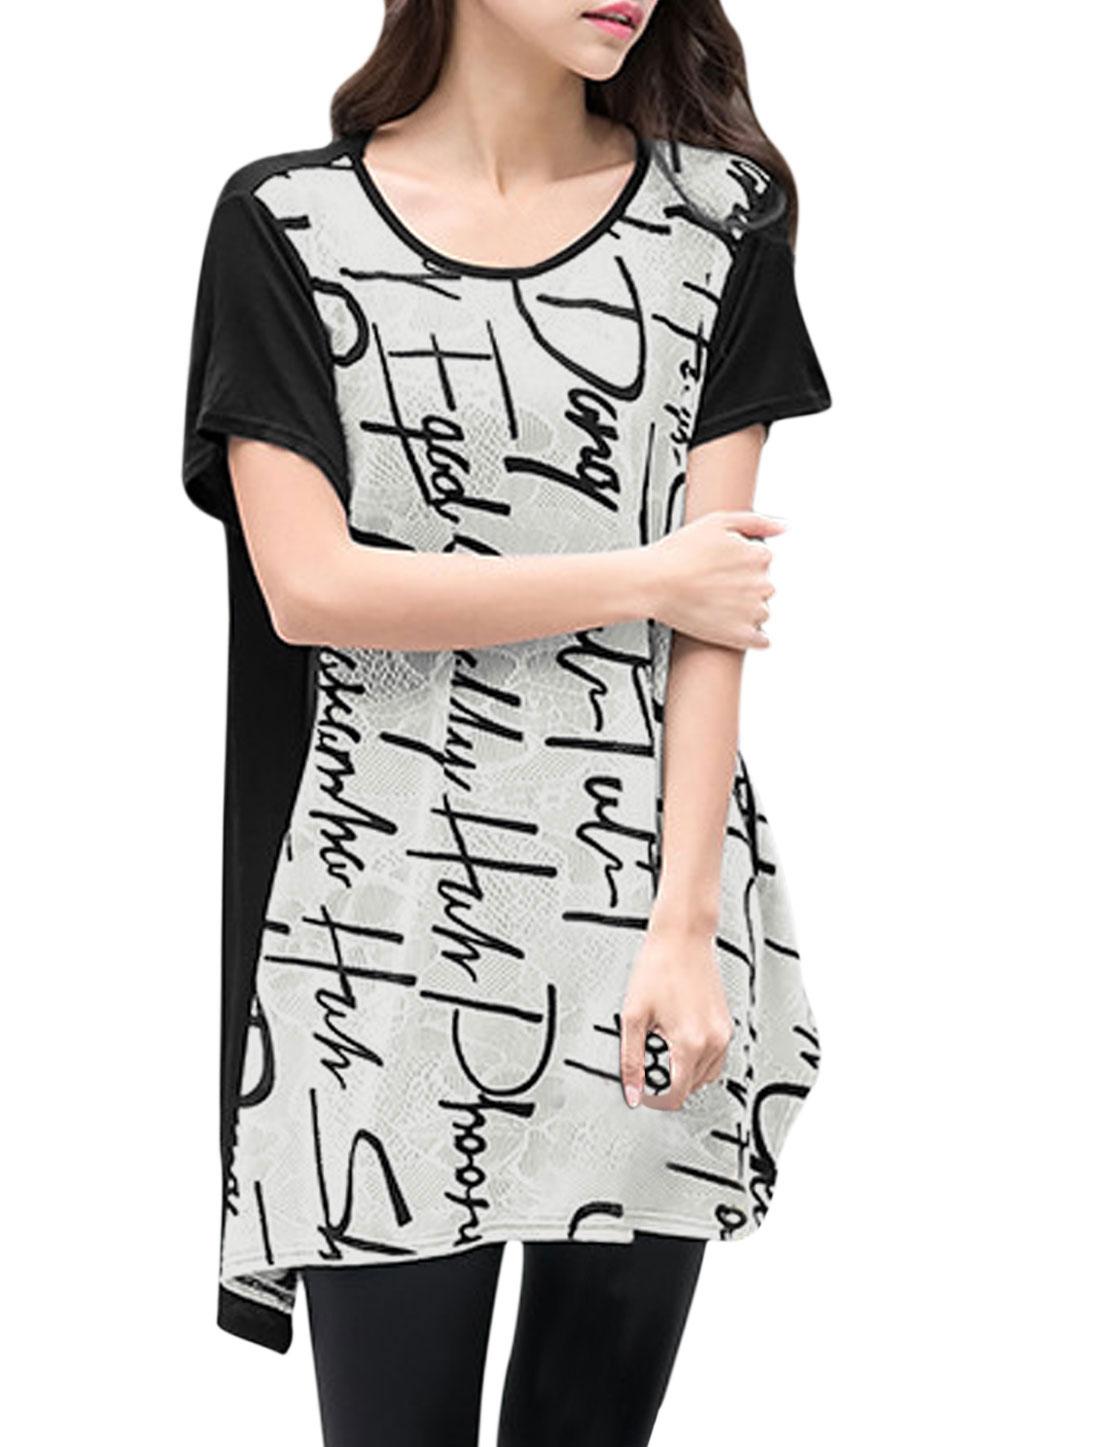 Women Short Sleeves Letters Prints Irregular Hem Tunic Shirt White Black S